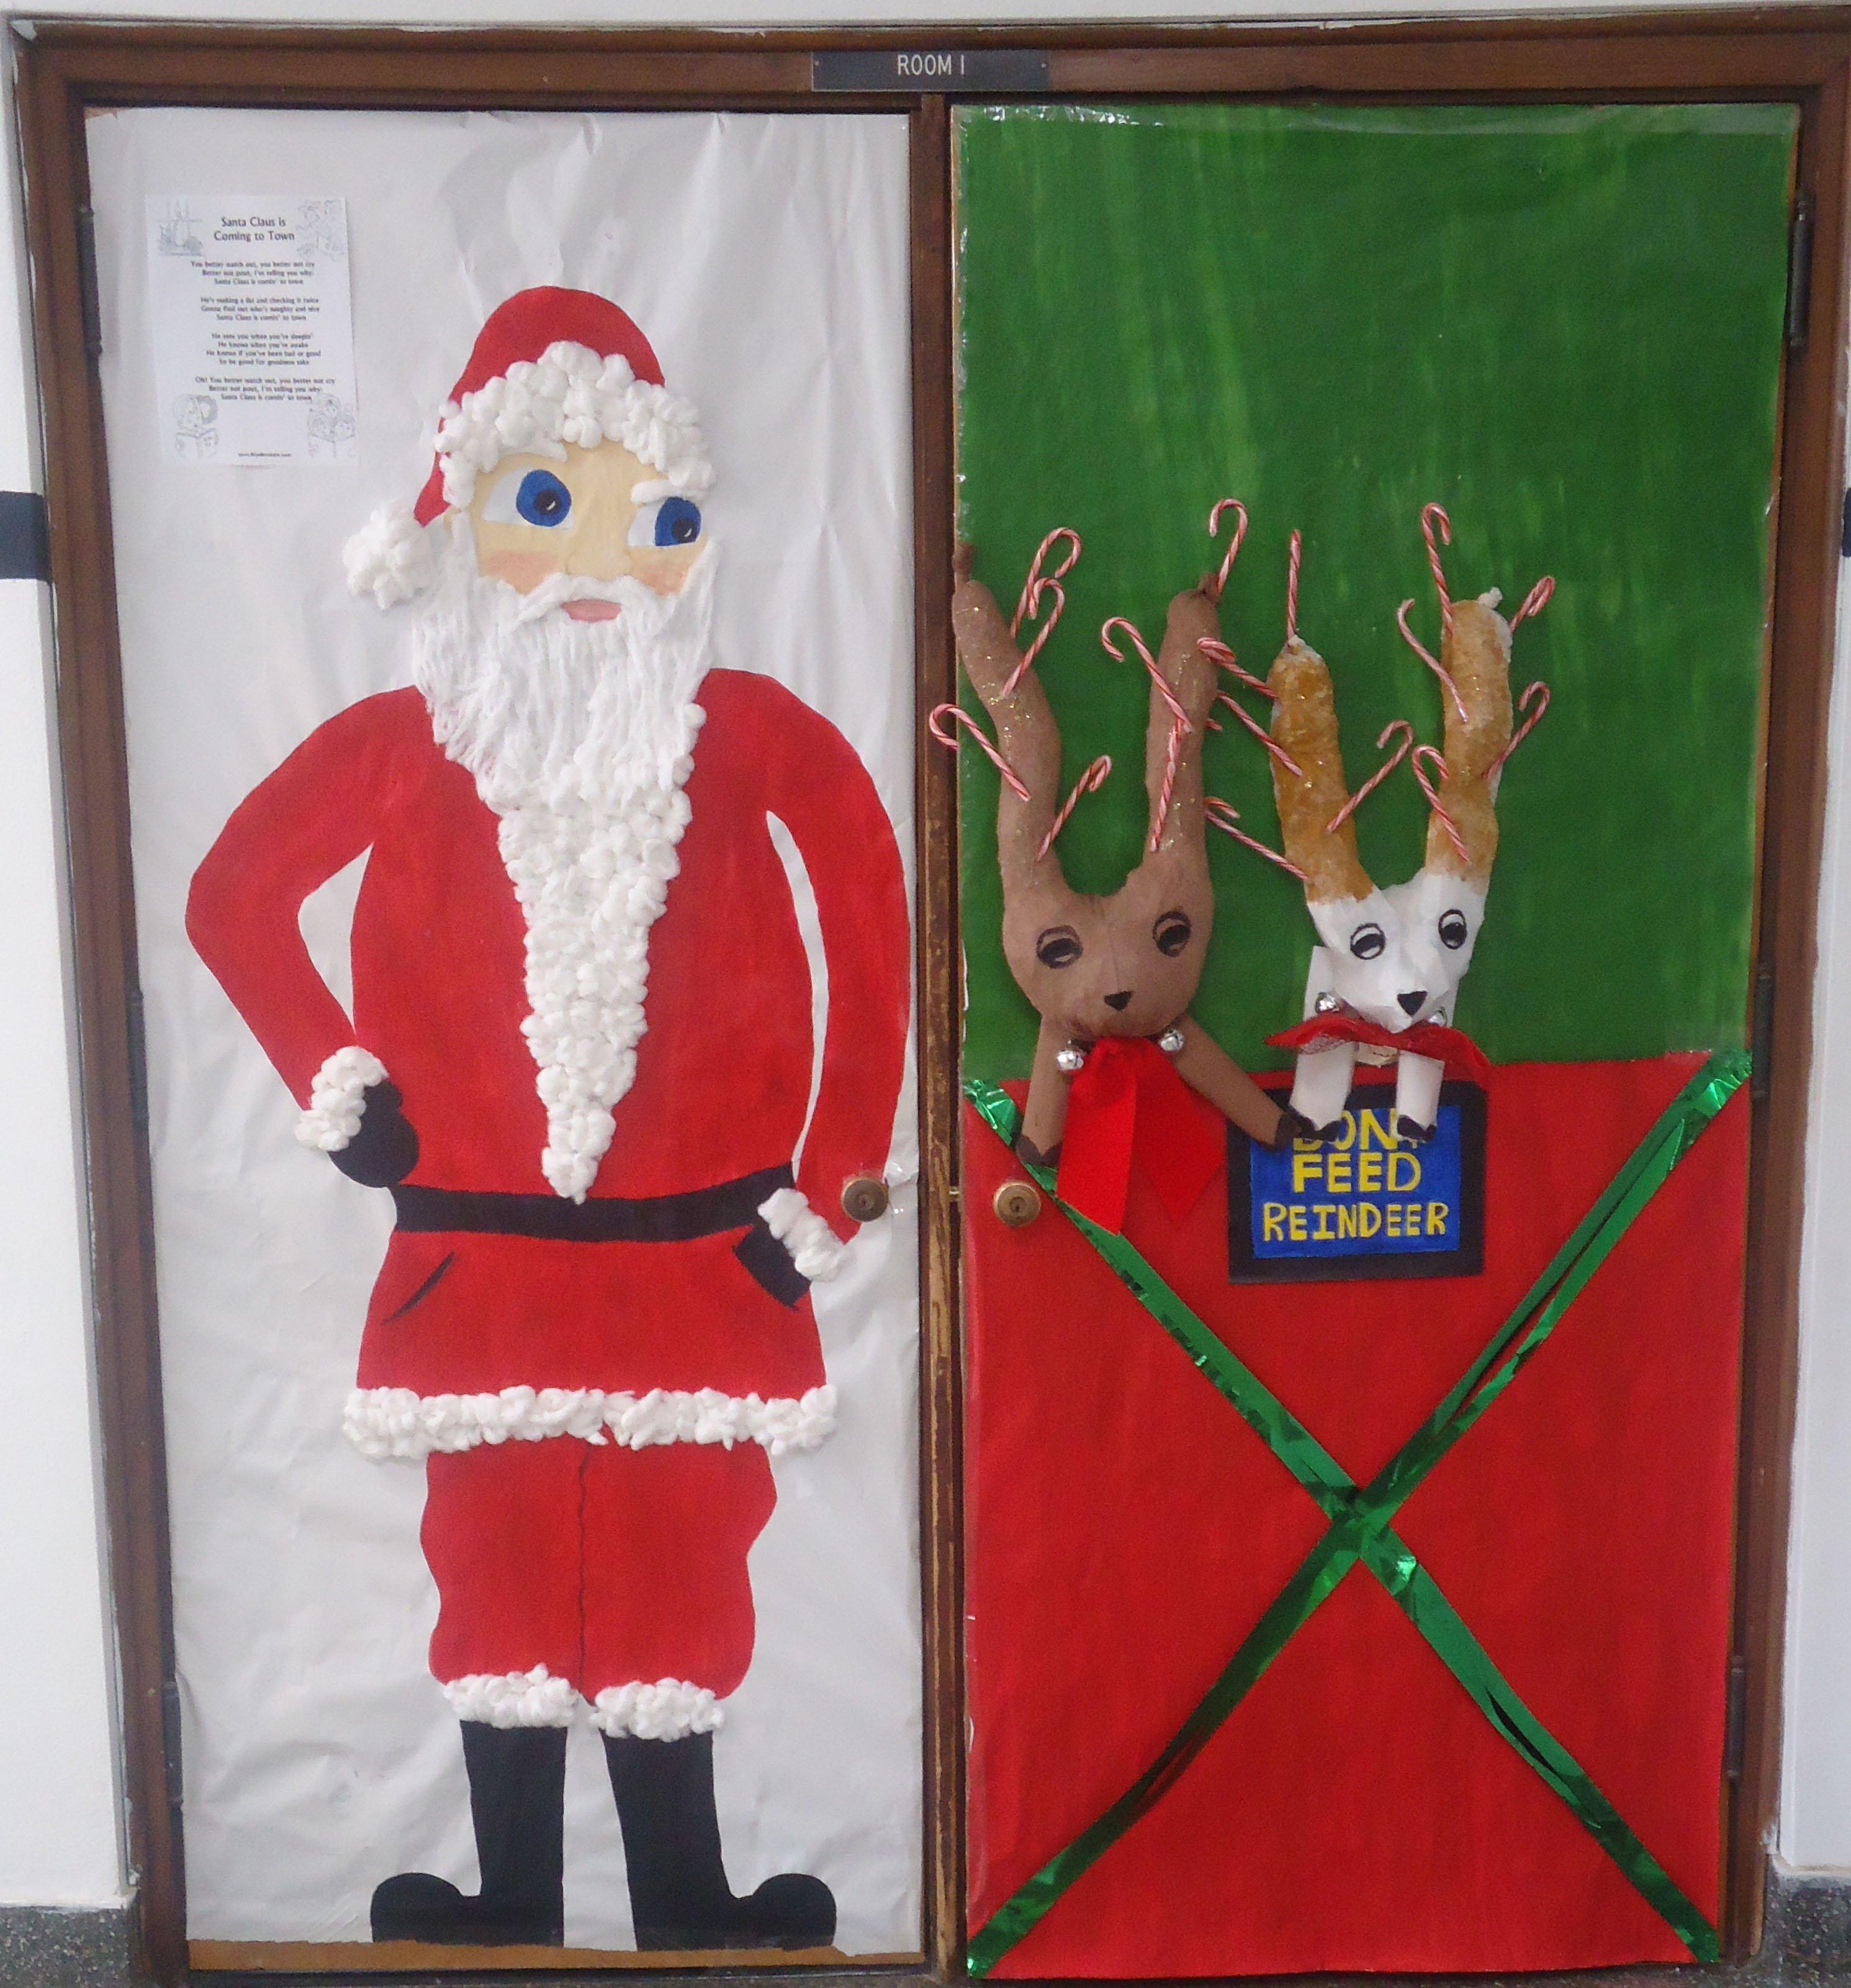 10 Amazing Funny Christmas Door Decorating Contest Ideas funny decorated christmas doors decorations ideas door decorating 2021